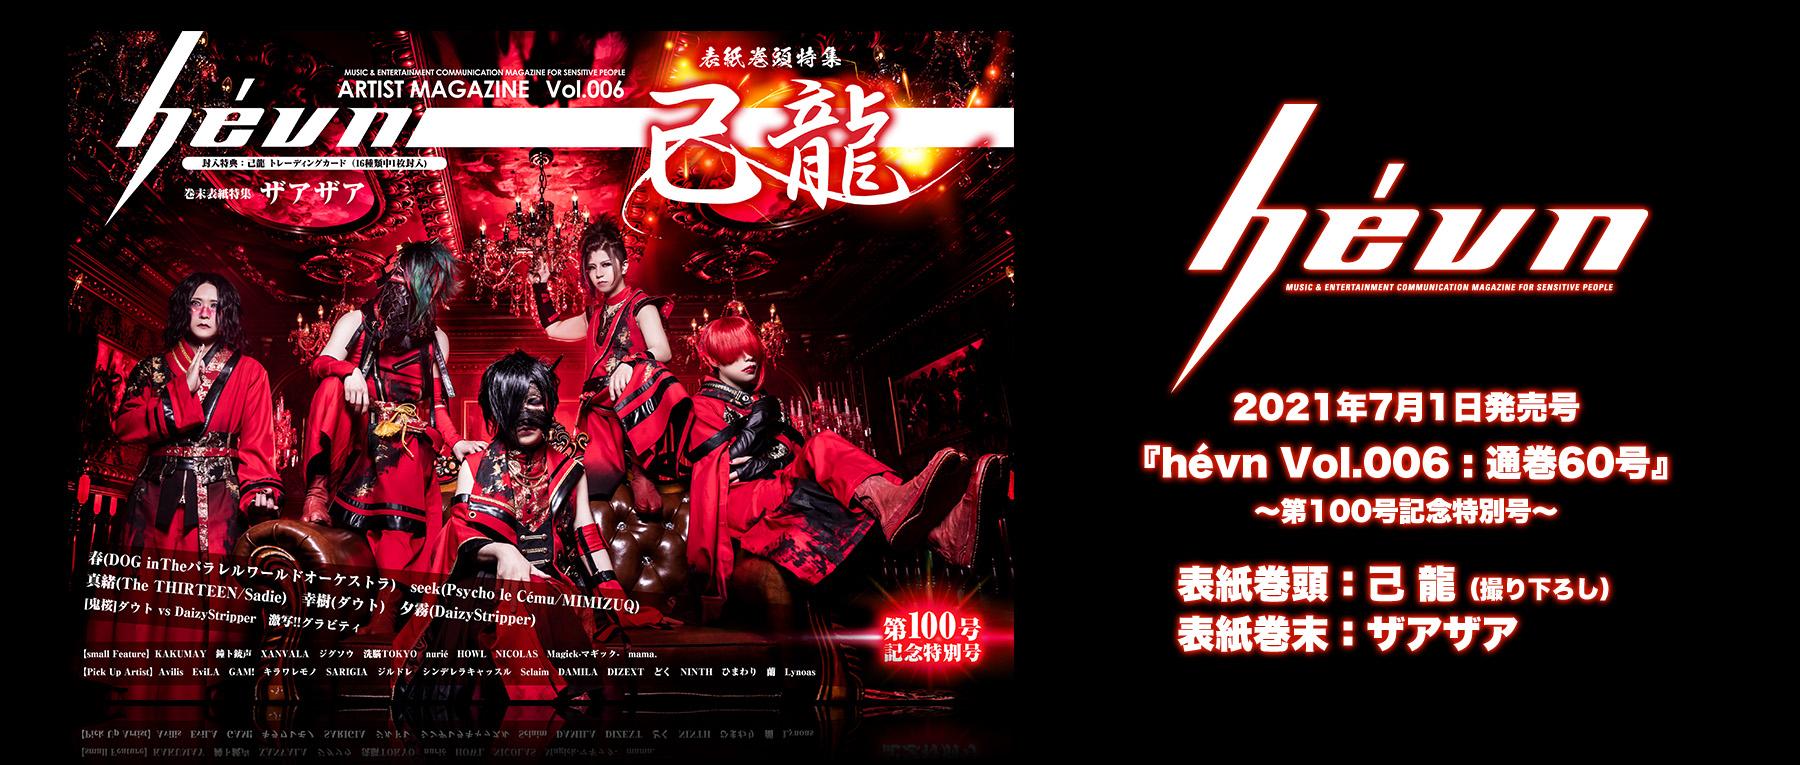 hevn公式サイト